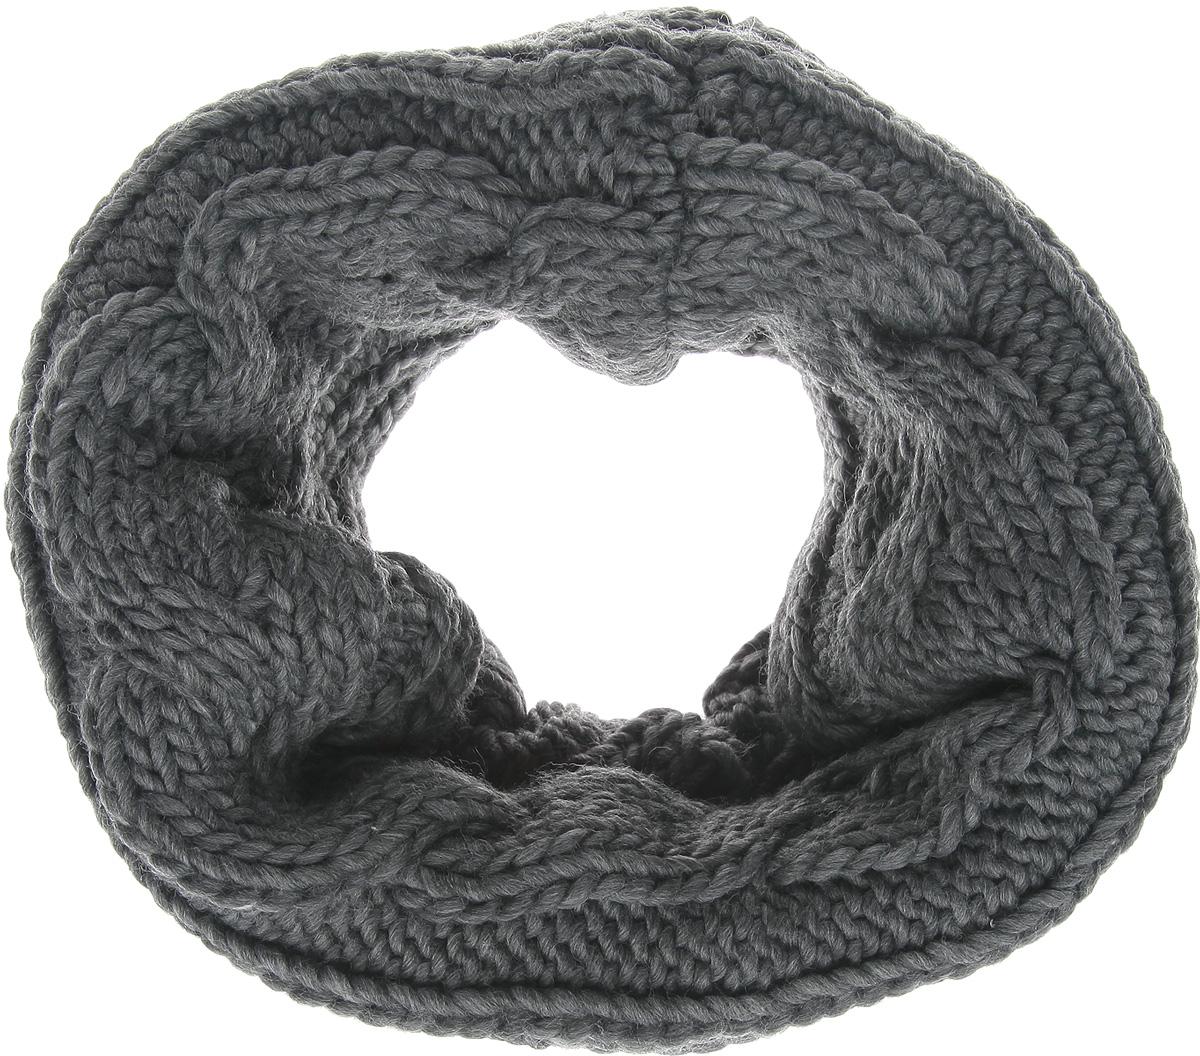 Снуд женский Broadway, цвет: серый. 40100769 826. Размер универсальный40100769 826Уютный шарф-снуд Broadway - отличная модель для холодной погоды, он подчеркнет вашу оригинальность и неповторимый вкус. Он превосходно дополнит любой наряд и согреет вас в прохладное время года.Снуд выполнен из акриловой пряжи с добавлением шерсти. Внутренняя сторона снуда отделана невероятно мягким искусственным мехом. Снуд оформлен широкими вязаными косичками. Снуд - это объемный шарф, связанный по кругу. Этот модный аксессуар гармонично дополнит образ современной женщины, следящей за своим имиджем и стремящейся всегда оставаться стильной и элегантной.